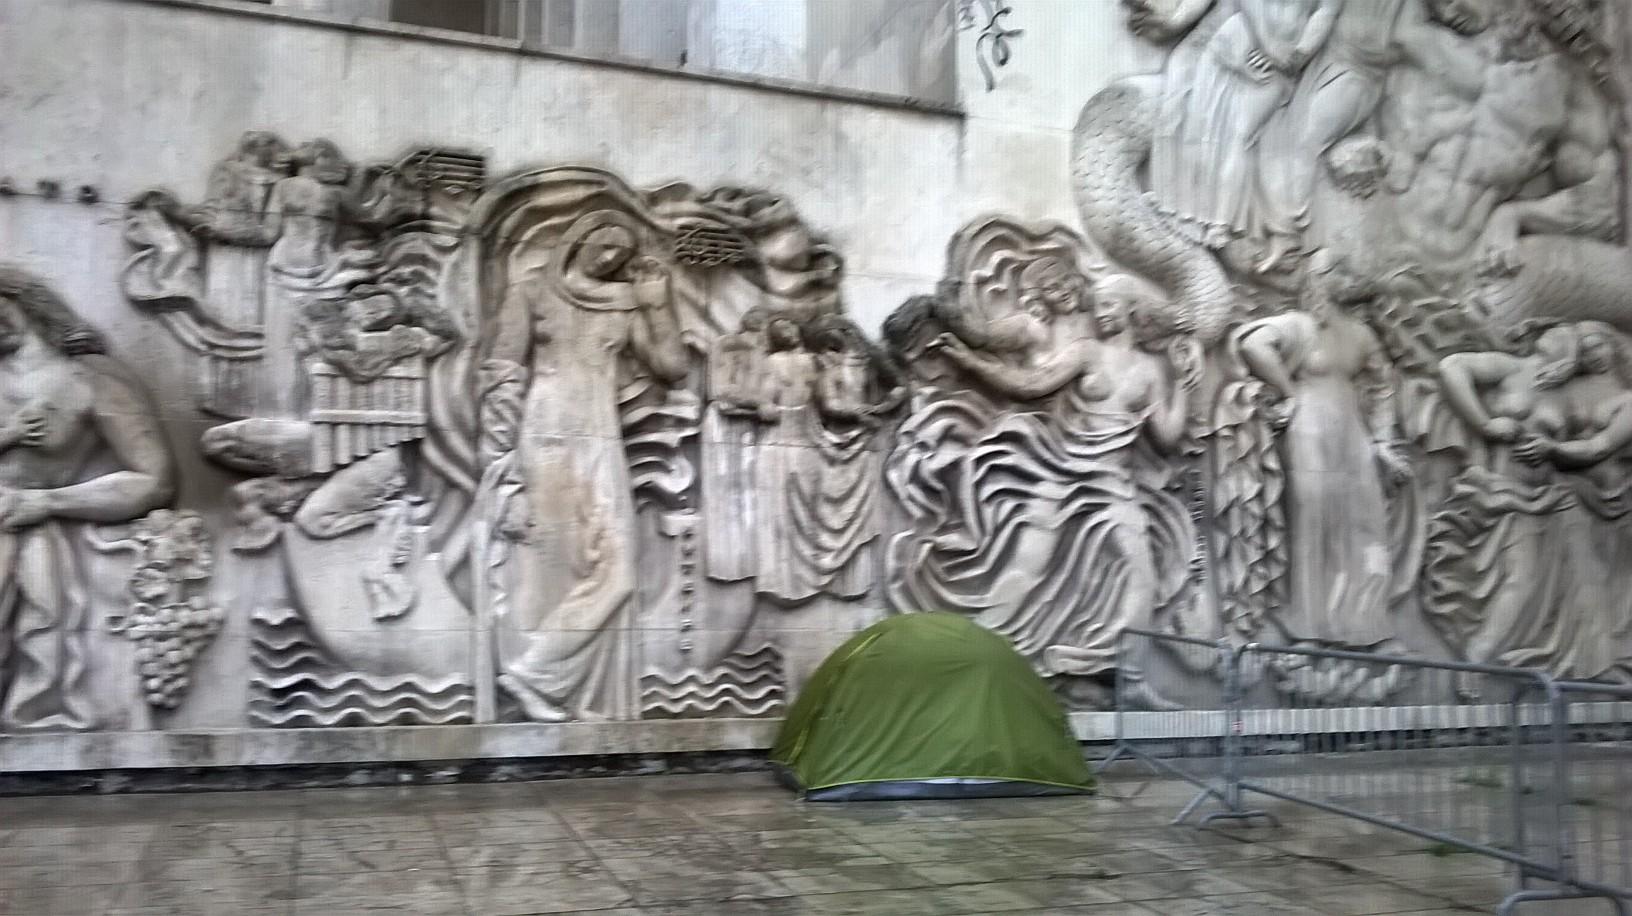 Photographie : nathalie poirier Bas-relief du sculpteur francais, alfred janniot, musée d'art moderne de la ville de paris